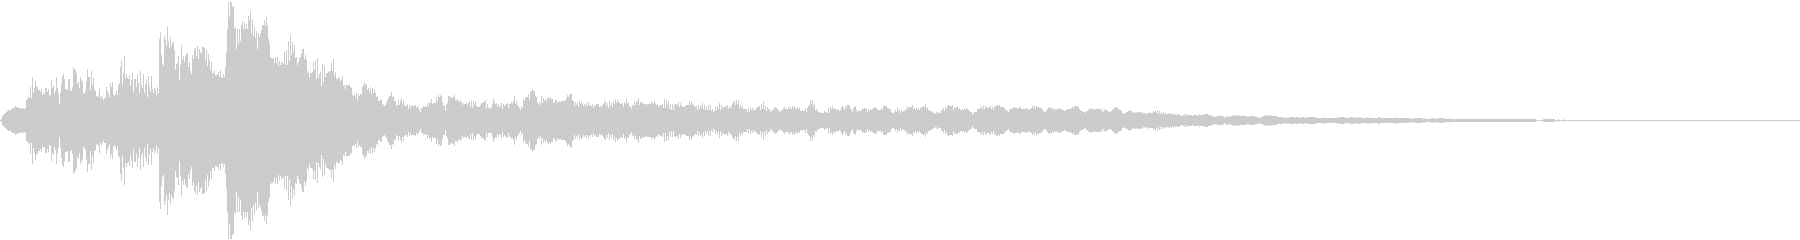 ローファイ・ドキュメンタル風ピアノeの未再生の波形